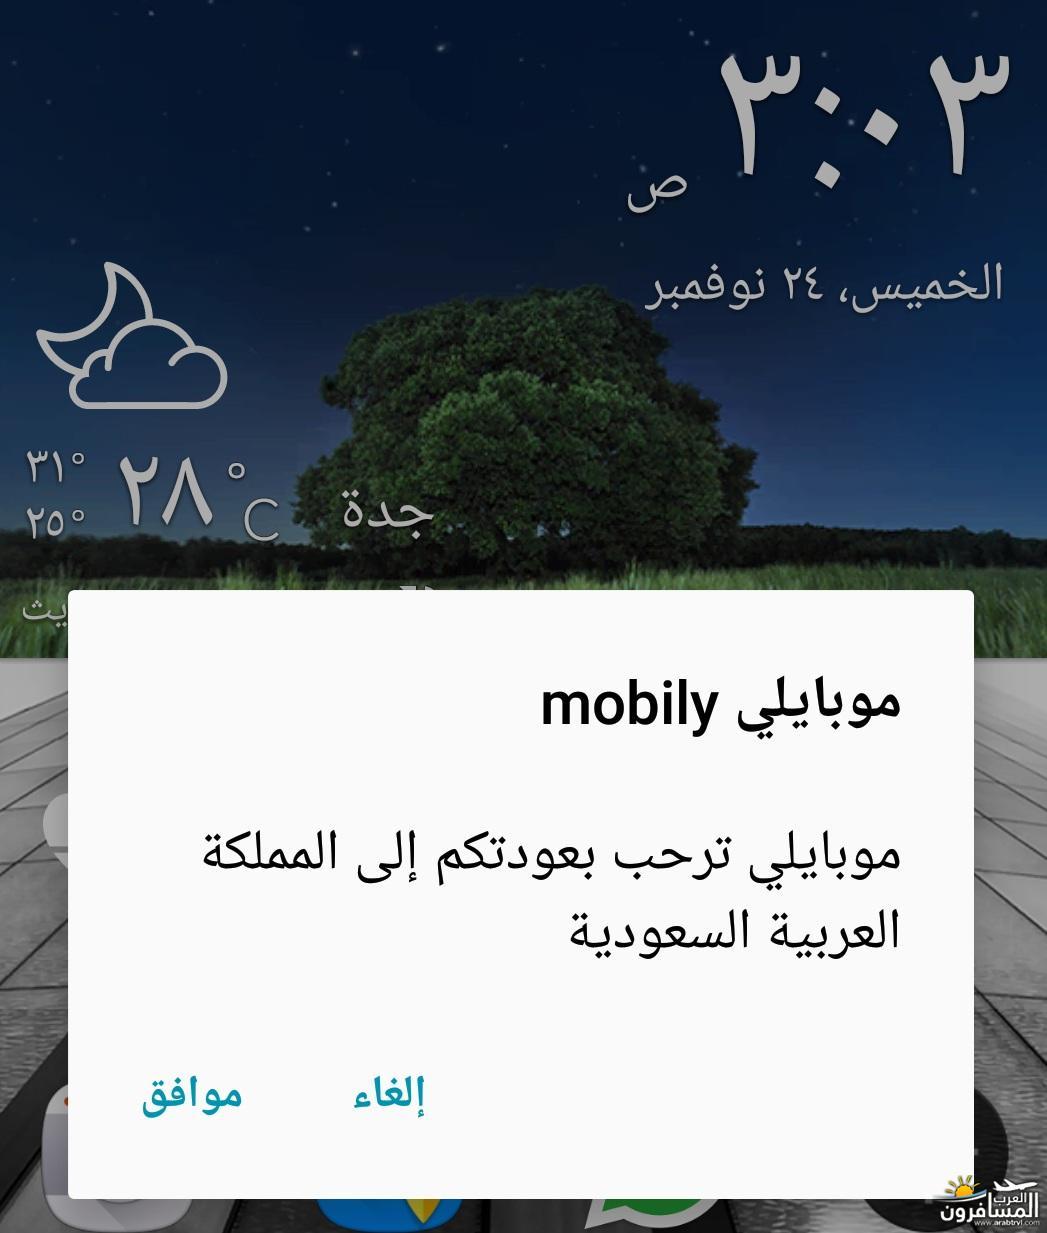 arabtrvl1481809675159.jpg